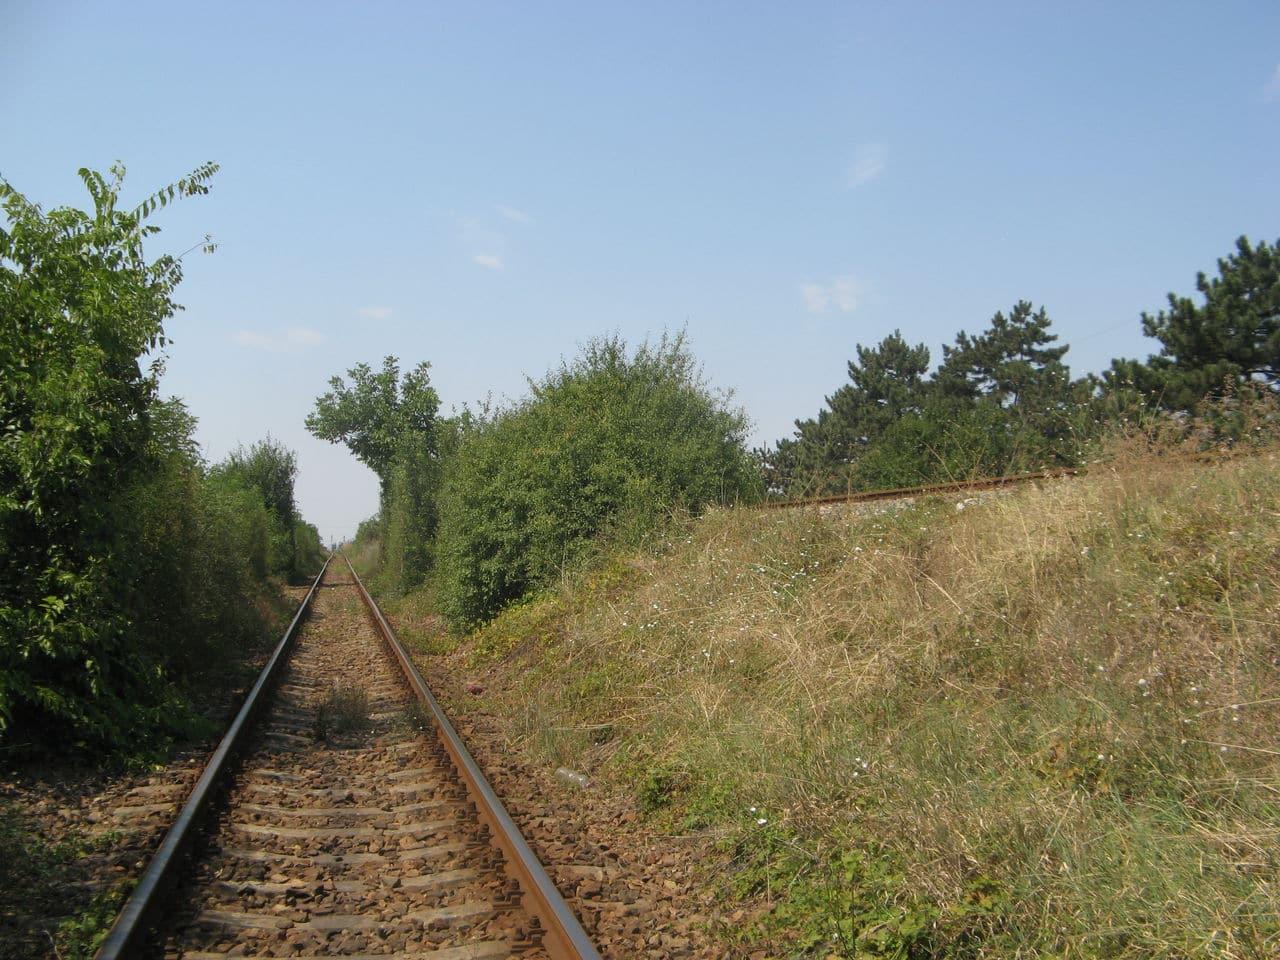 Calea ferată directă Oradea Vest - Episcopia Bihor IMG_0069